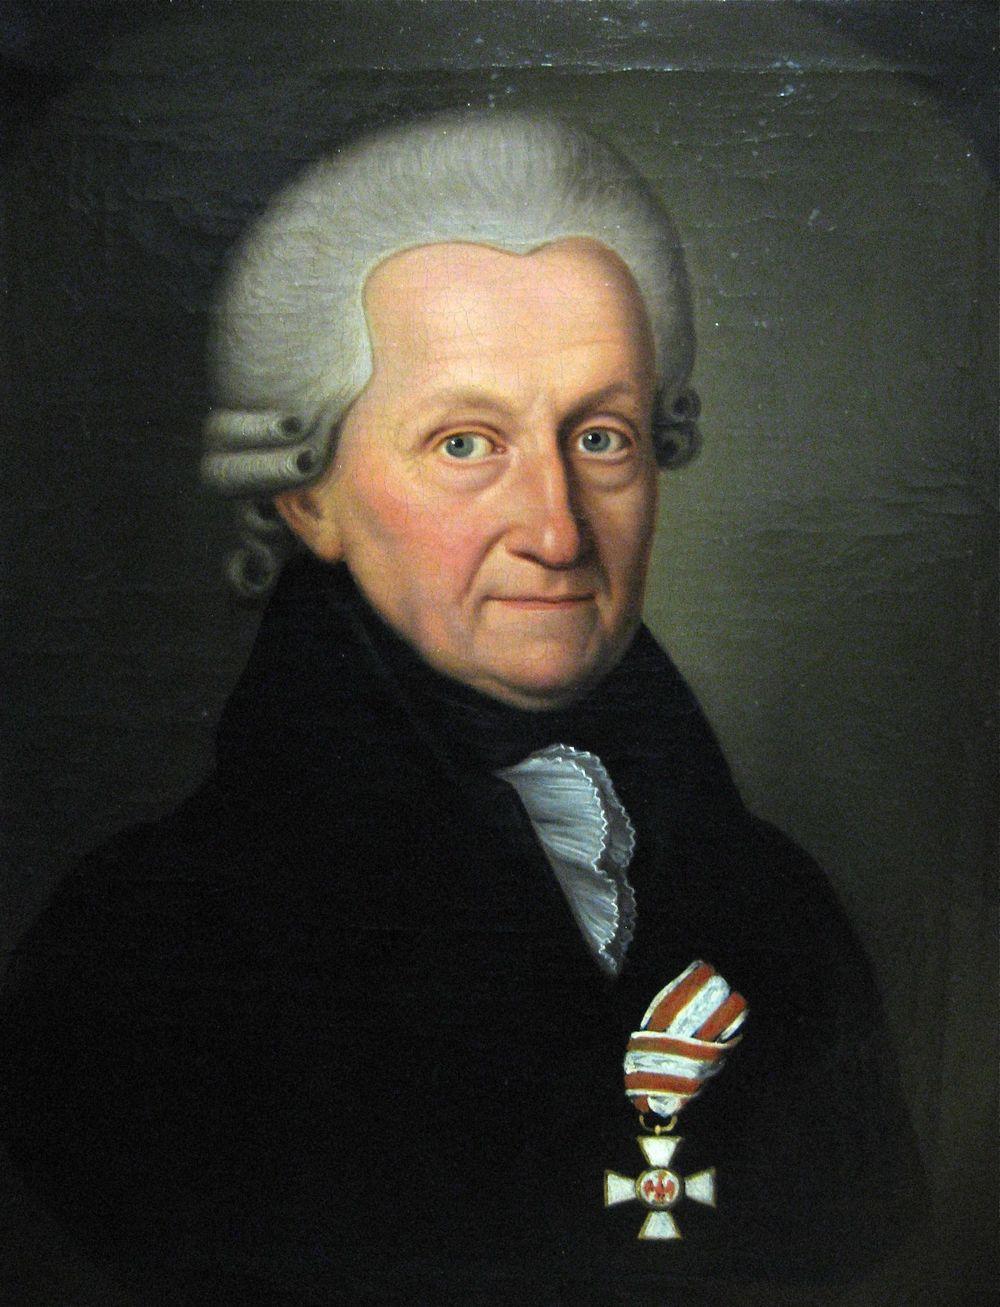 Abb. 7: Hofprediger Brüggemann 1749 - 1817 dekoriert mit seinem Roten Adlerorden der 3. Klasse des 1. Modells.